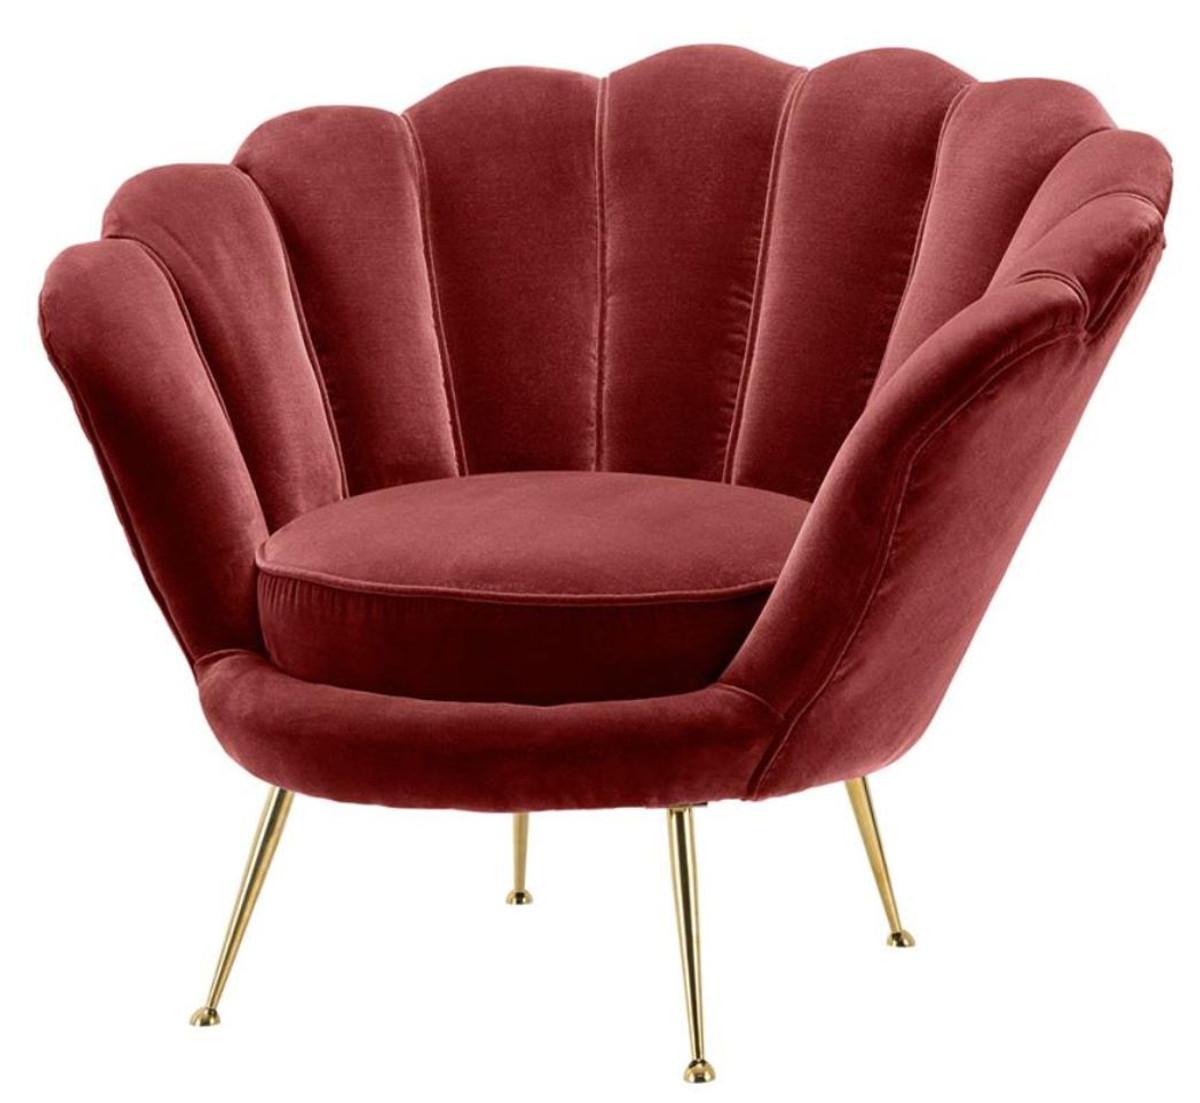 casa padrino fauteuil de luxe vin rouge laiton 96 5 x 79 x h 78 cm mobilier d hotel design